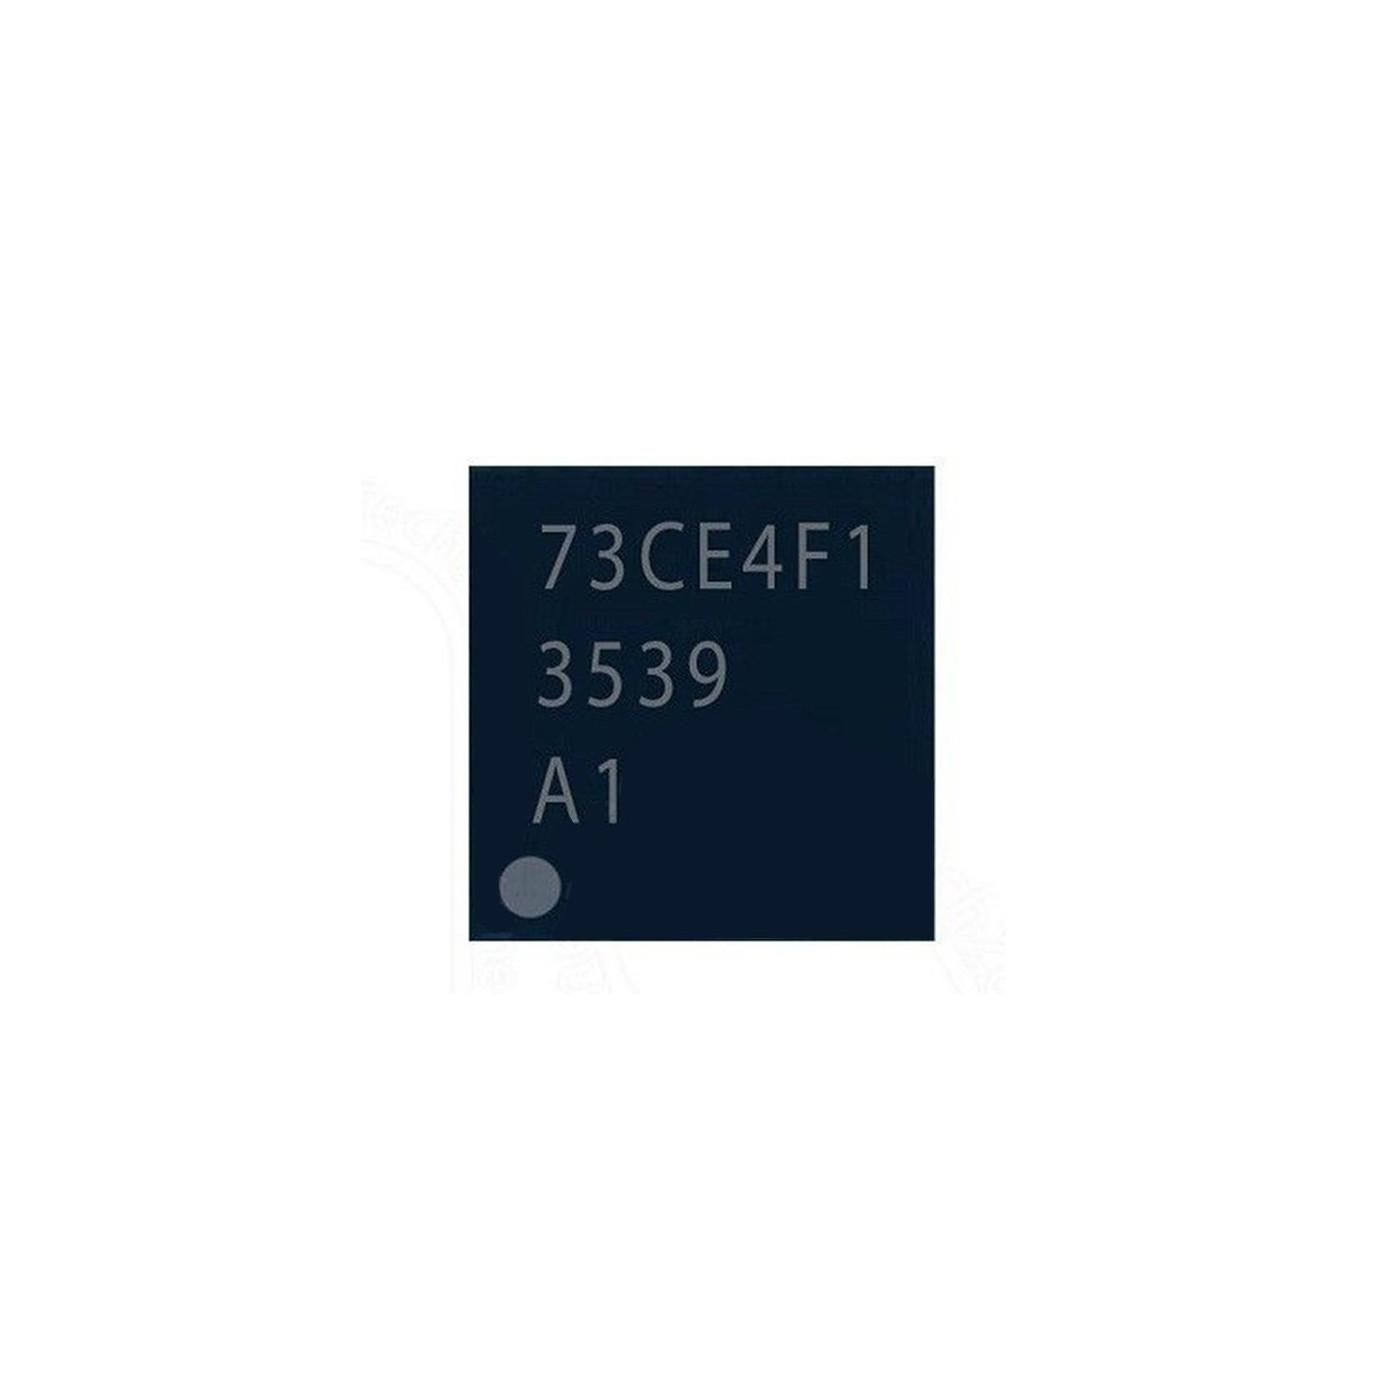 U4020 3539 16 Pin Hintergrundbeleuchtung IC Chip für iPhone 6S - 6S Plus